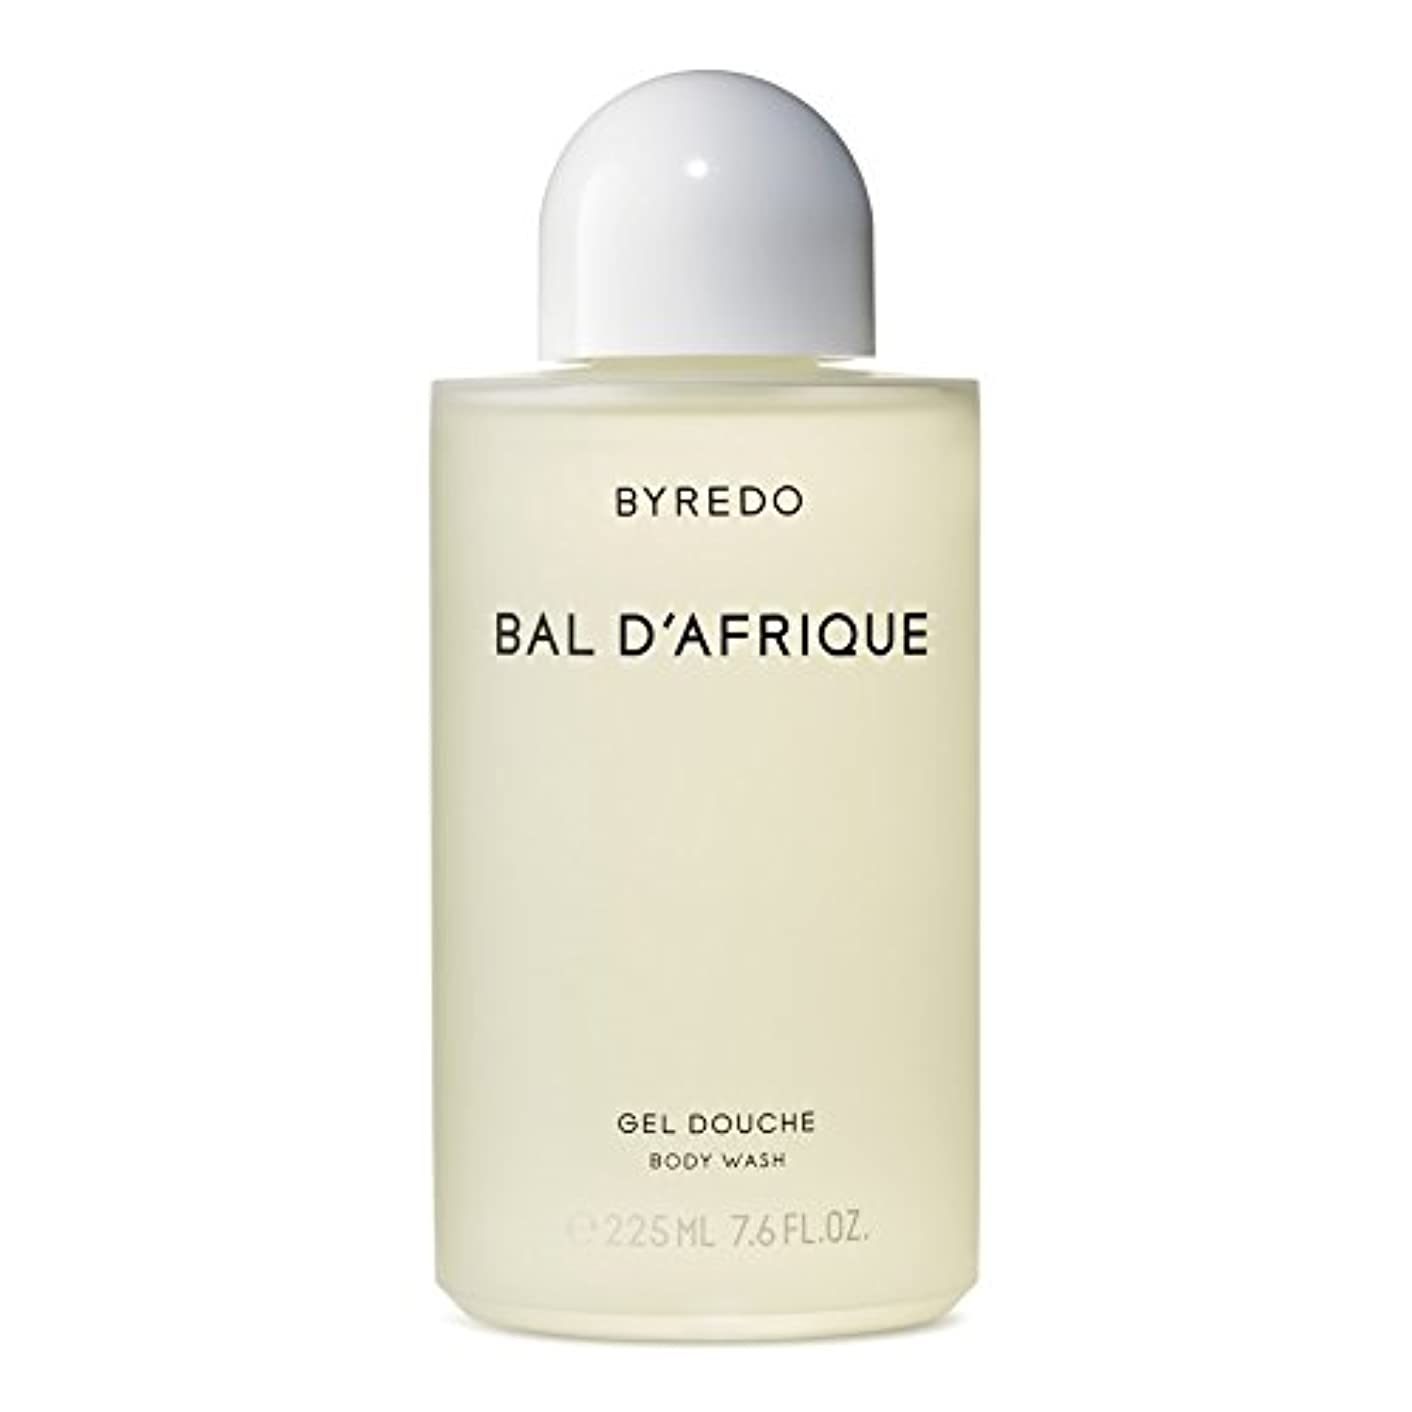 便益敬意を表する抱擁Byredo Bal d'Afrique Body Wash 225ml - 'のボディウォッシュ225ミリリットル [並行輸入品]